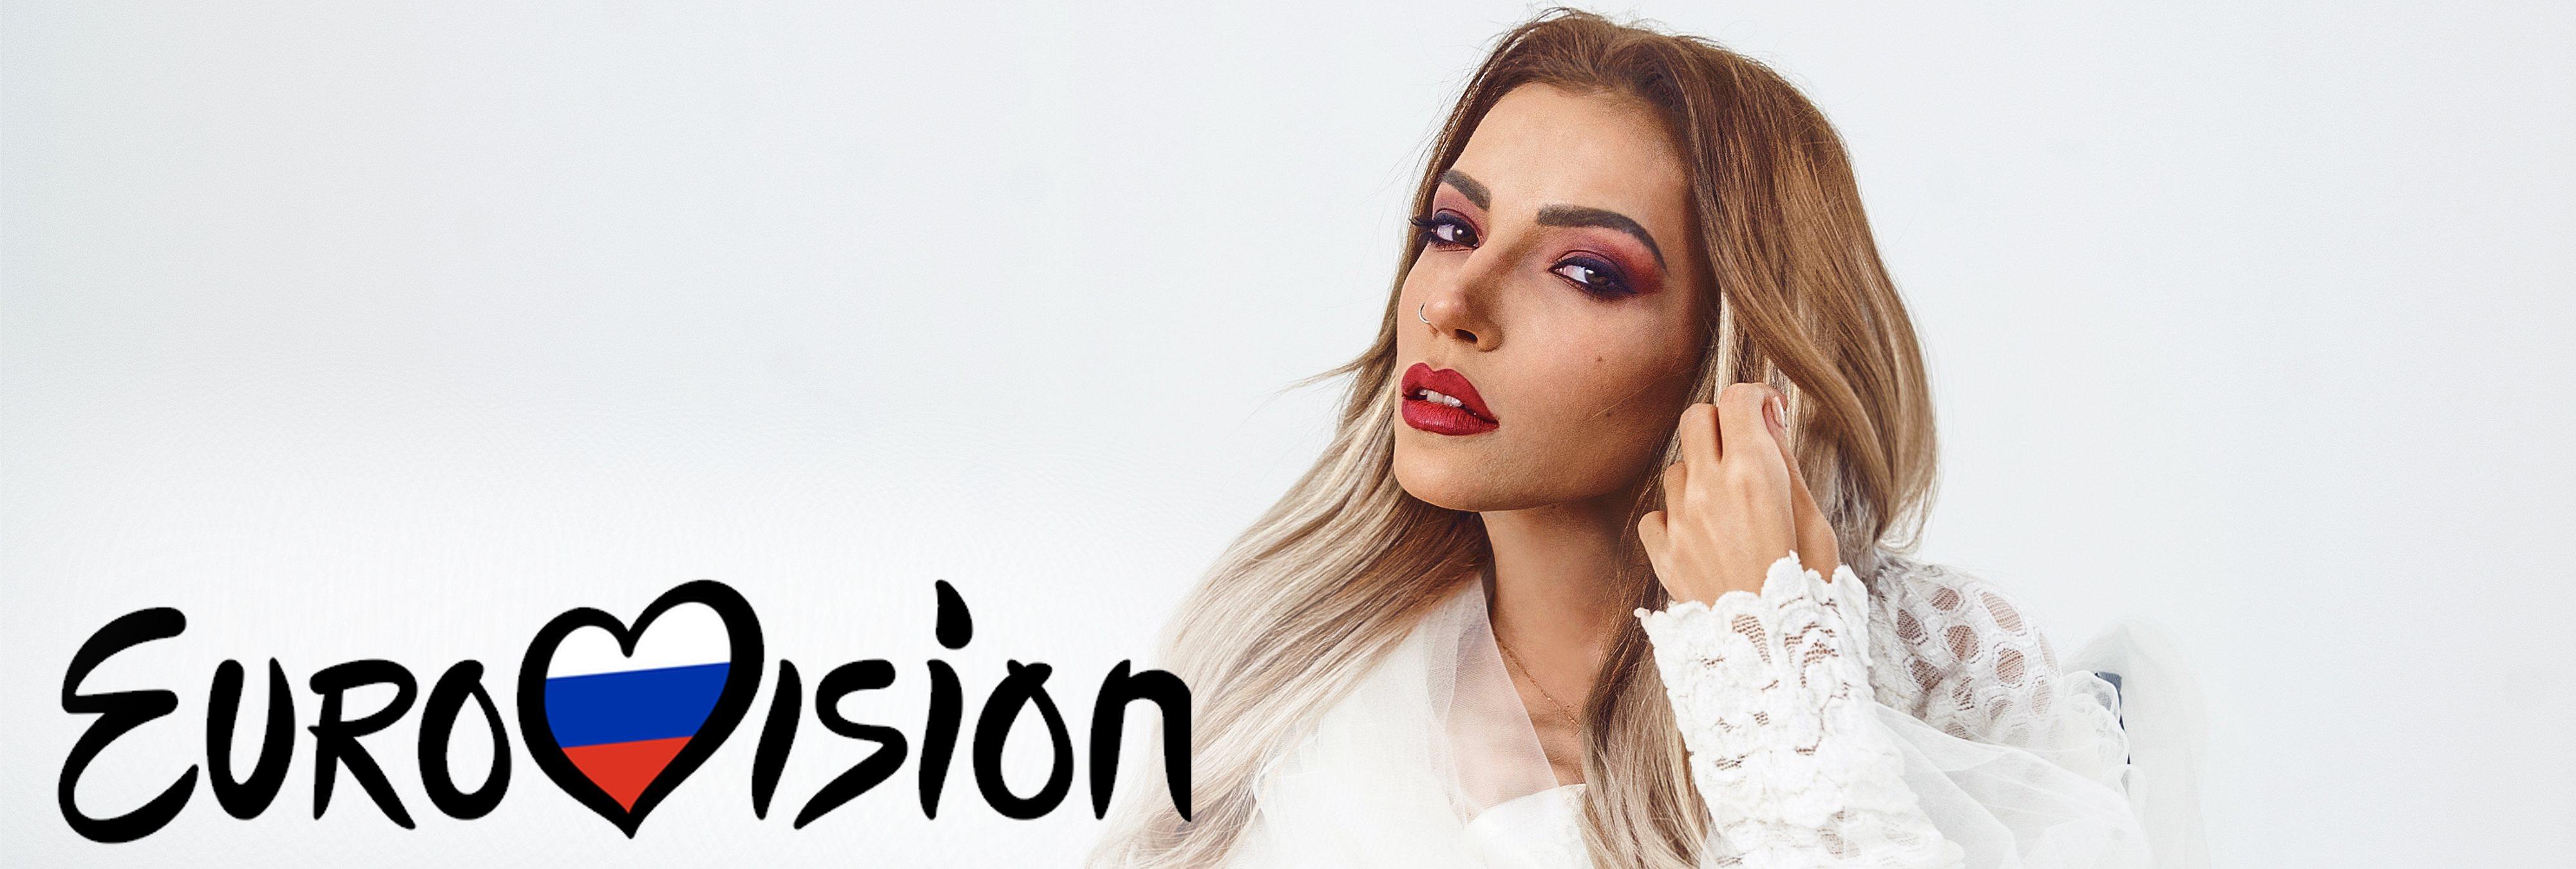 Eurovisión 2018: Rusia y Julia Samoylova, la floja apuesta tras la polémica de Kiev